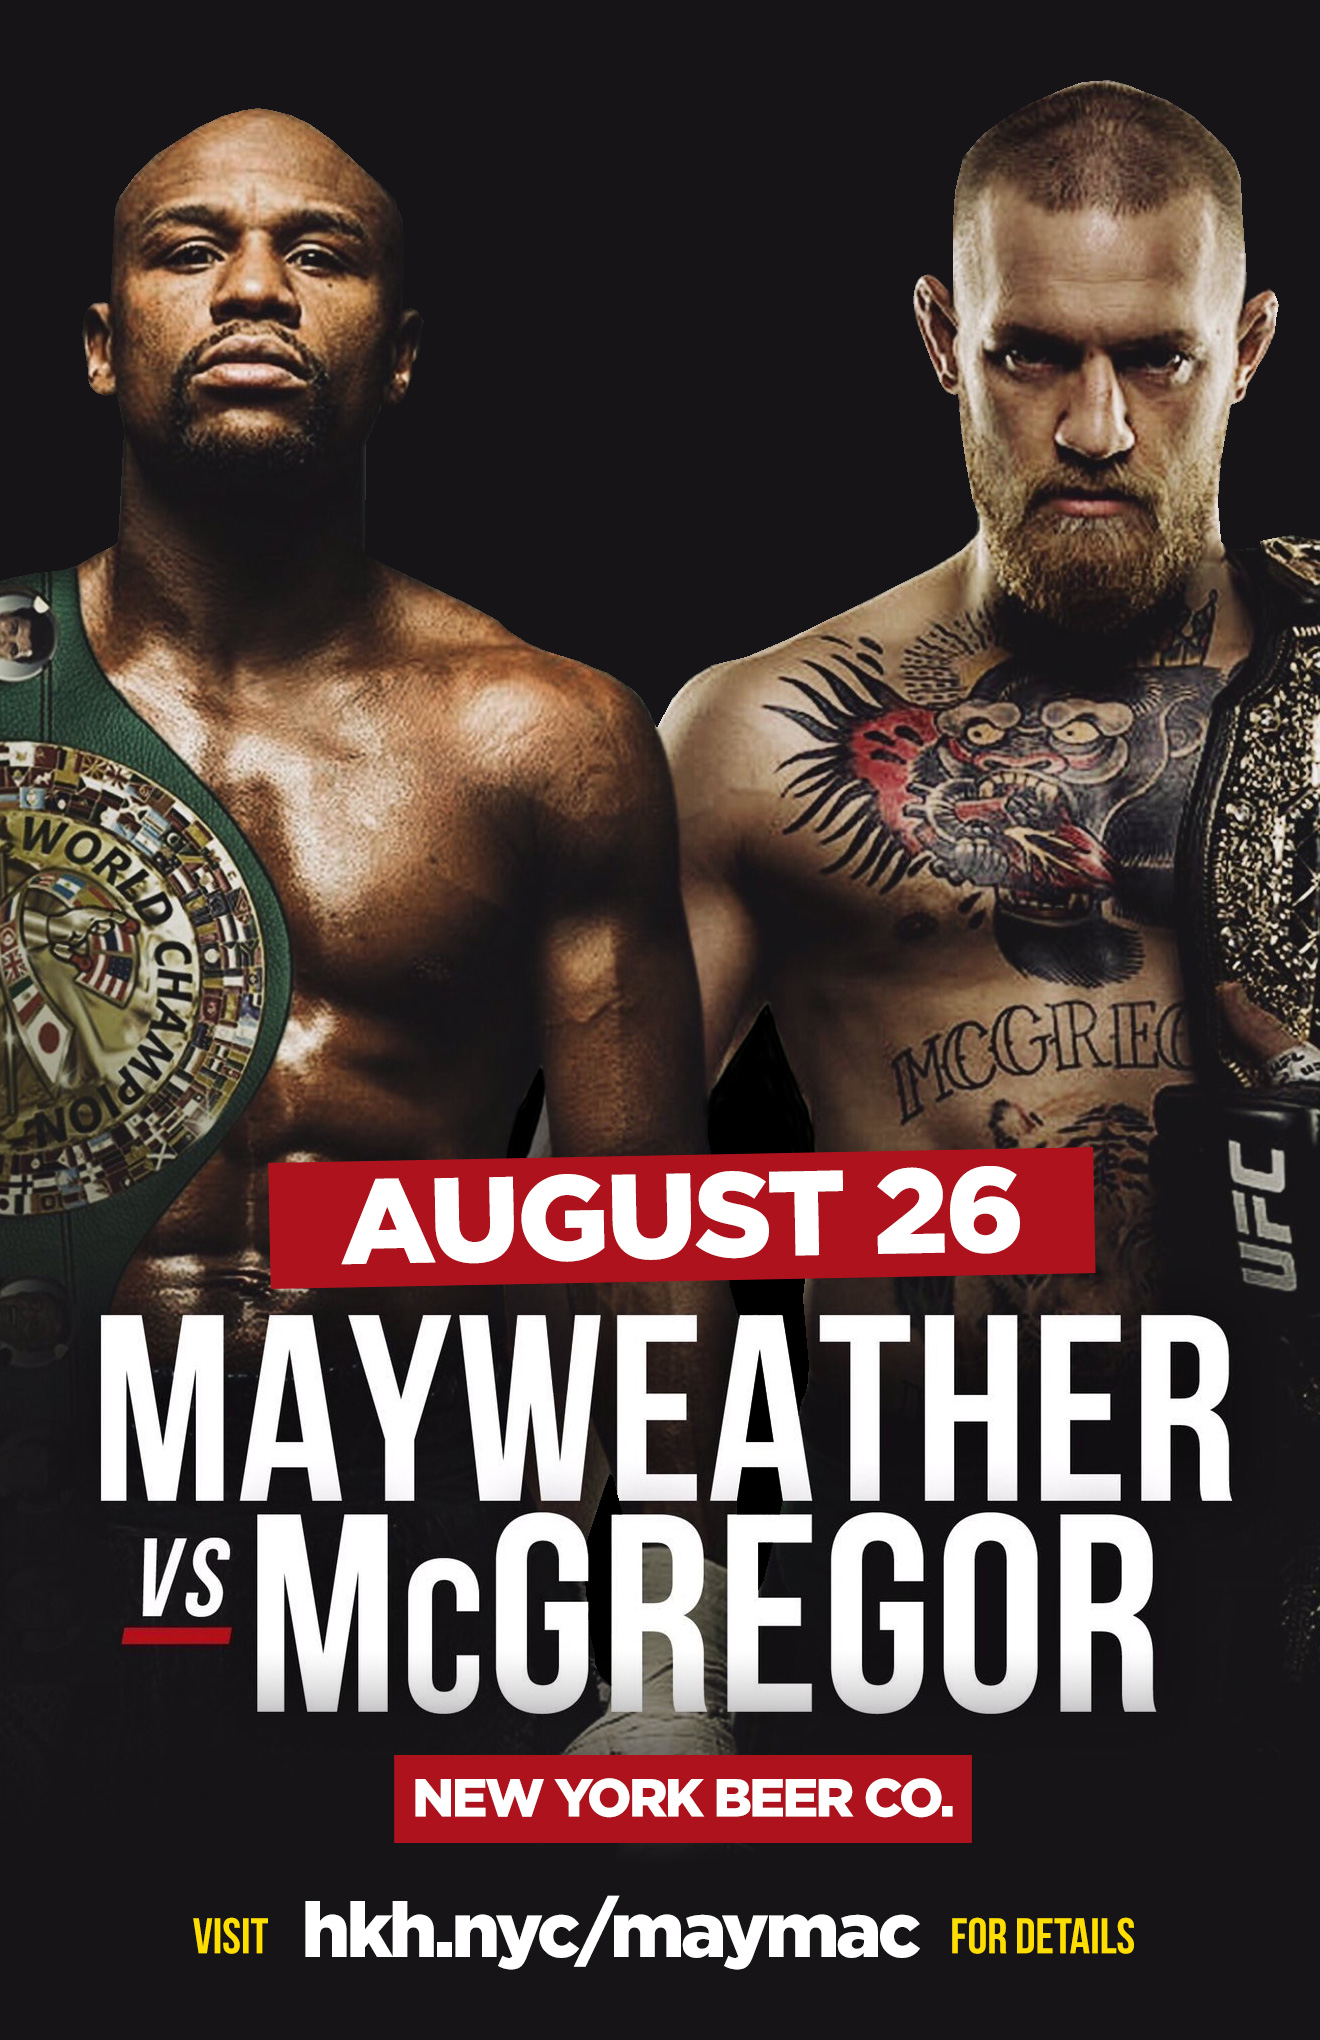 nyc bars showing Mayweather McGregor